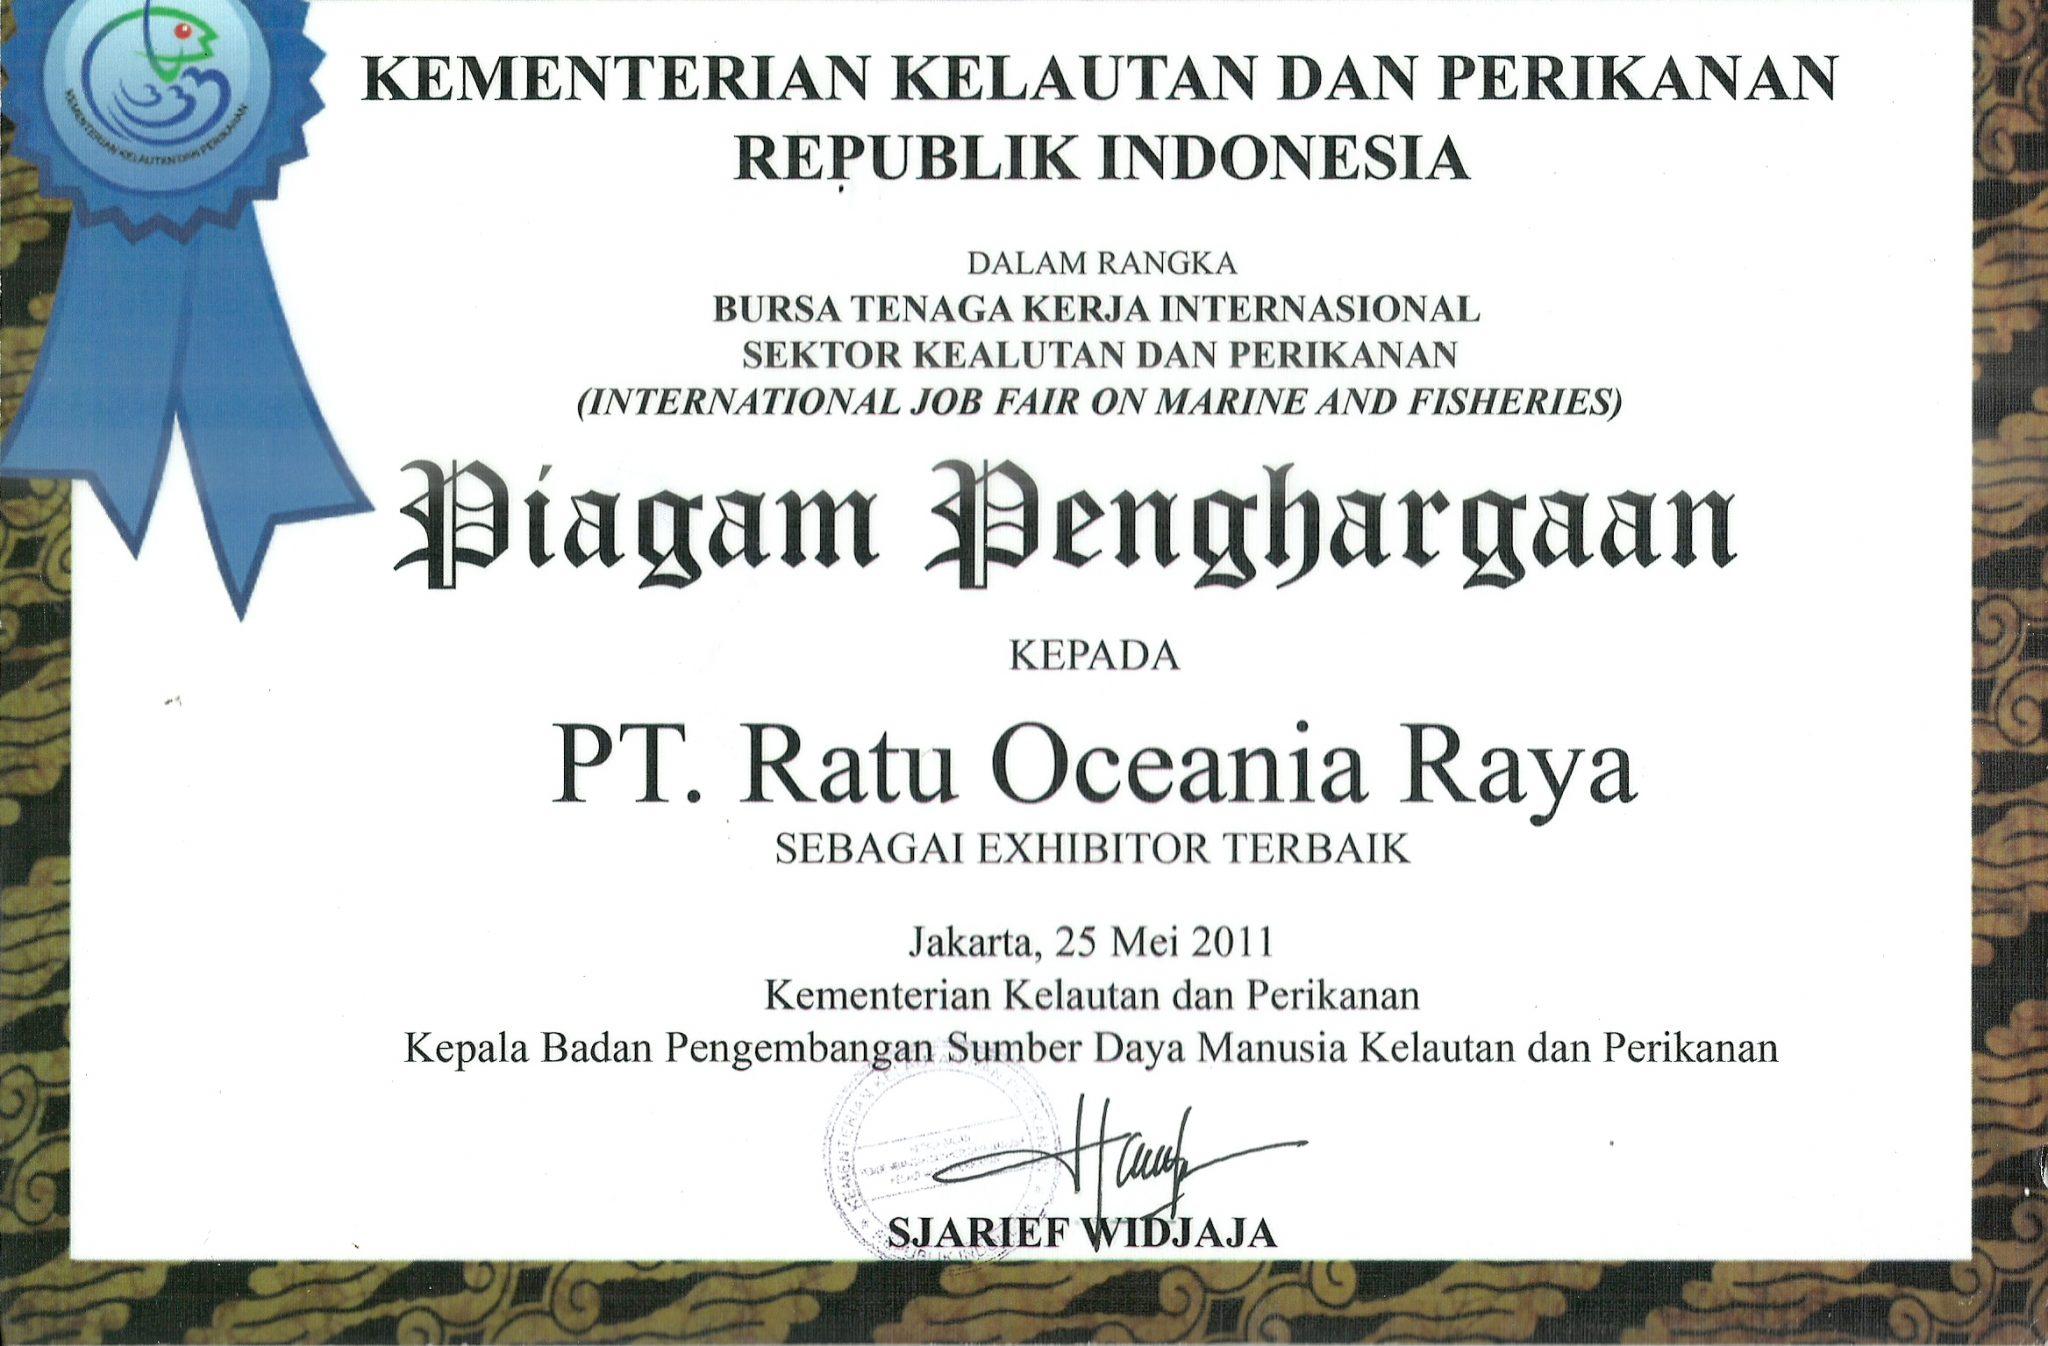 KKP Award